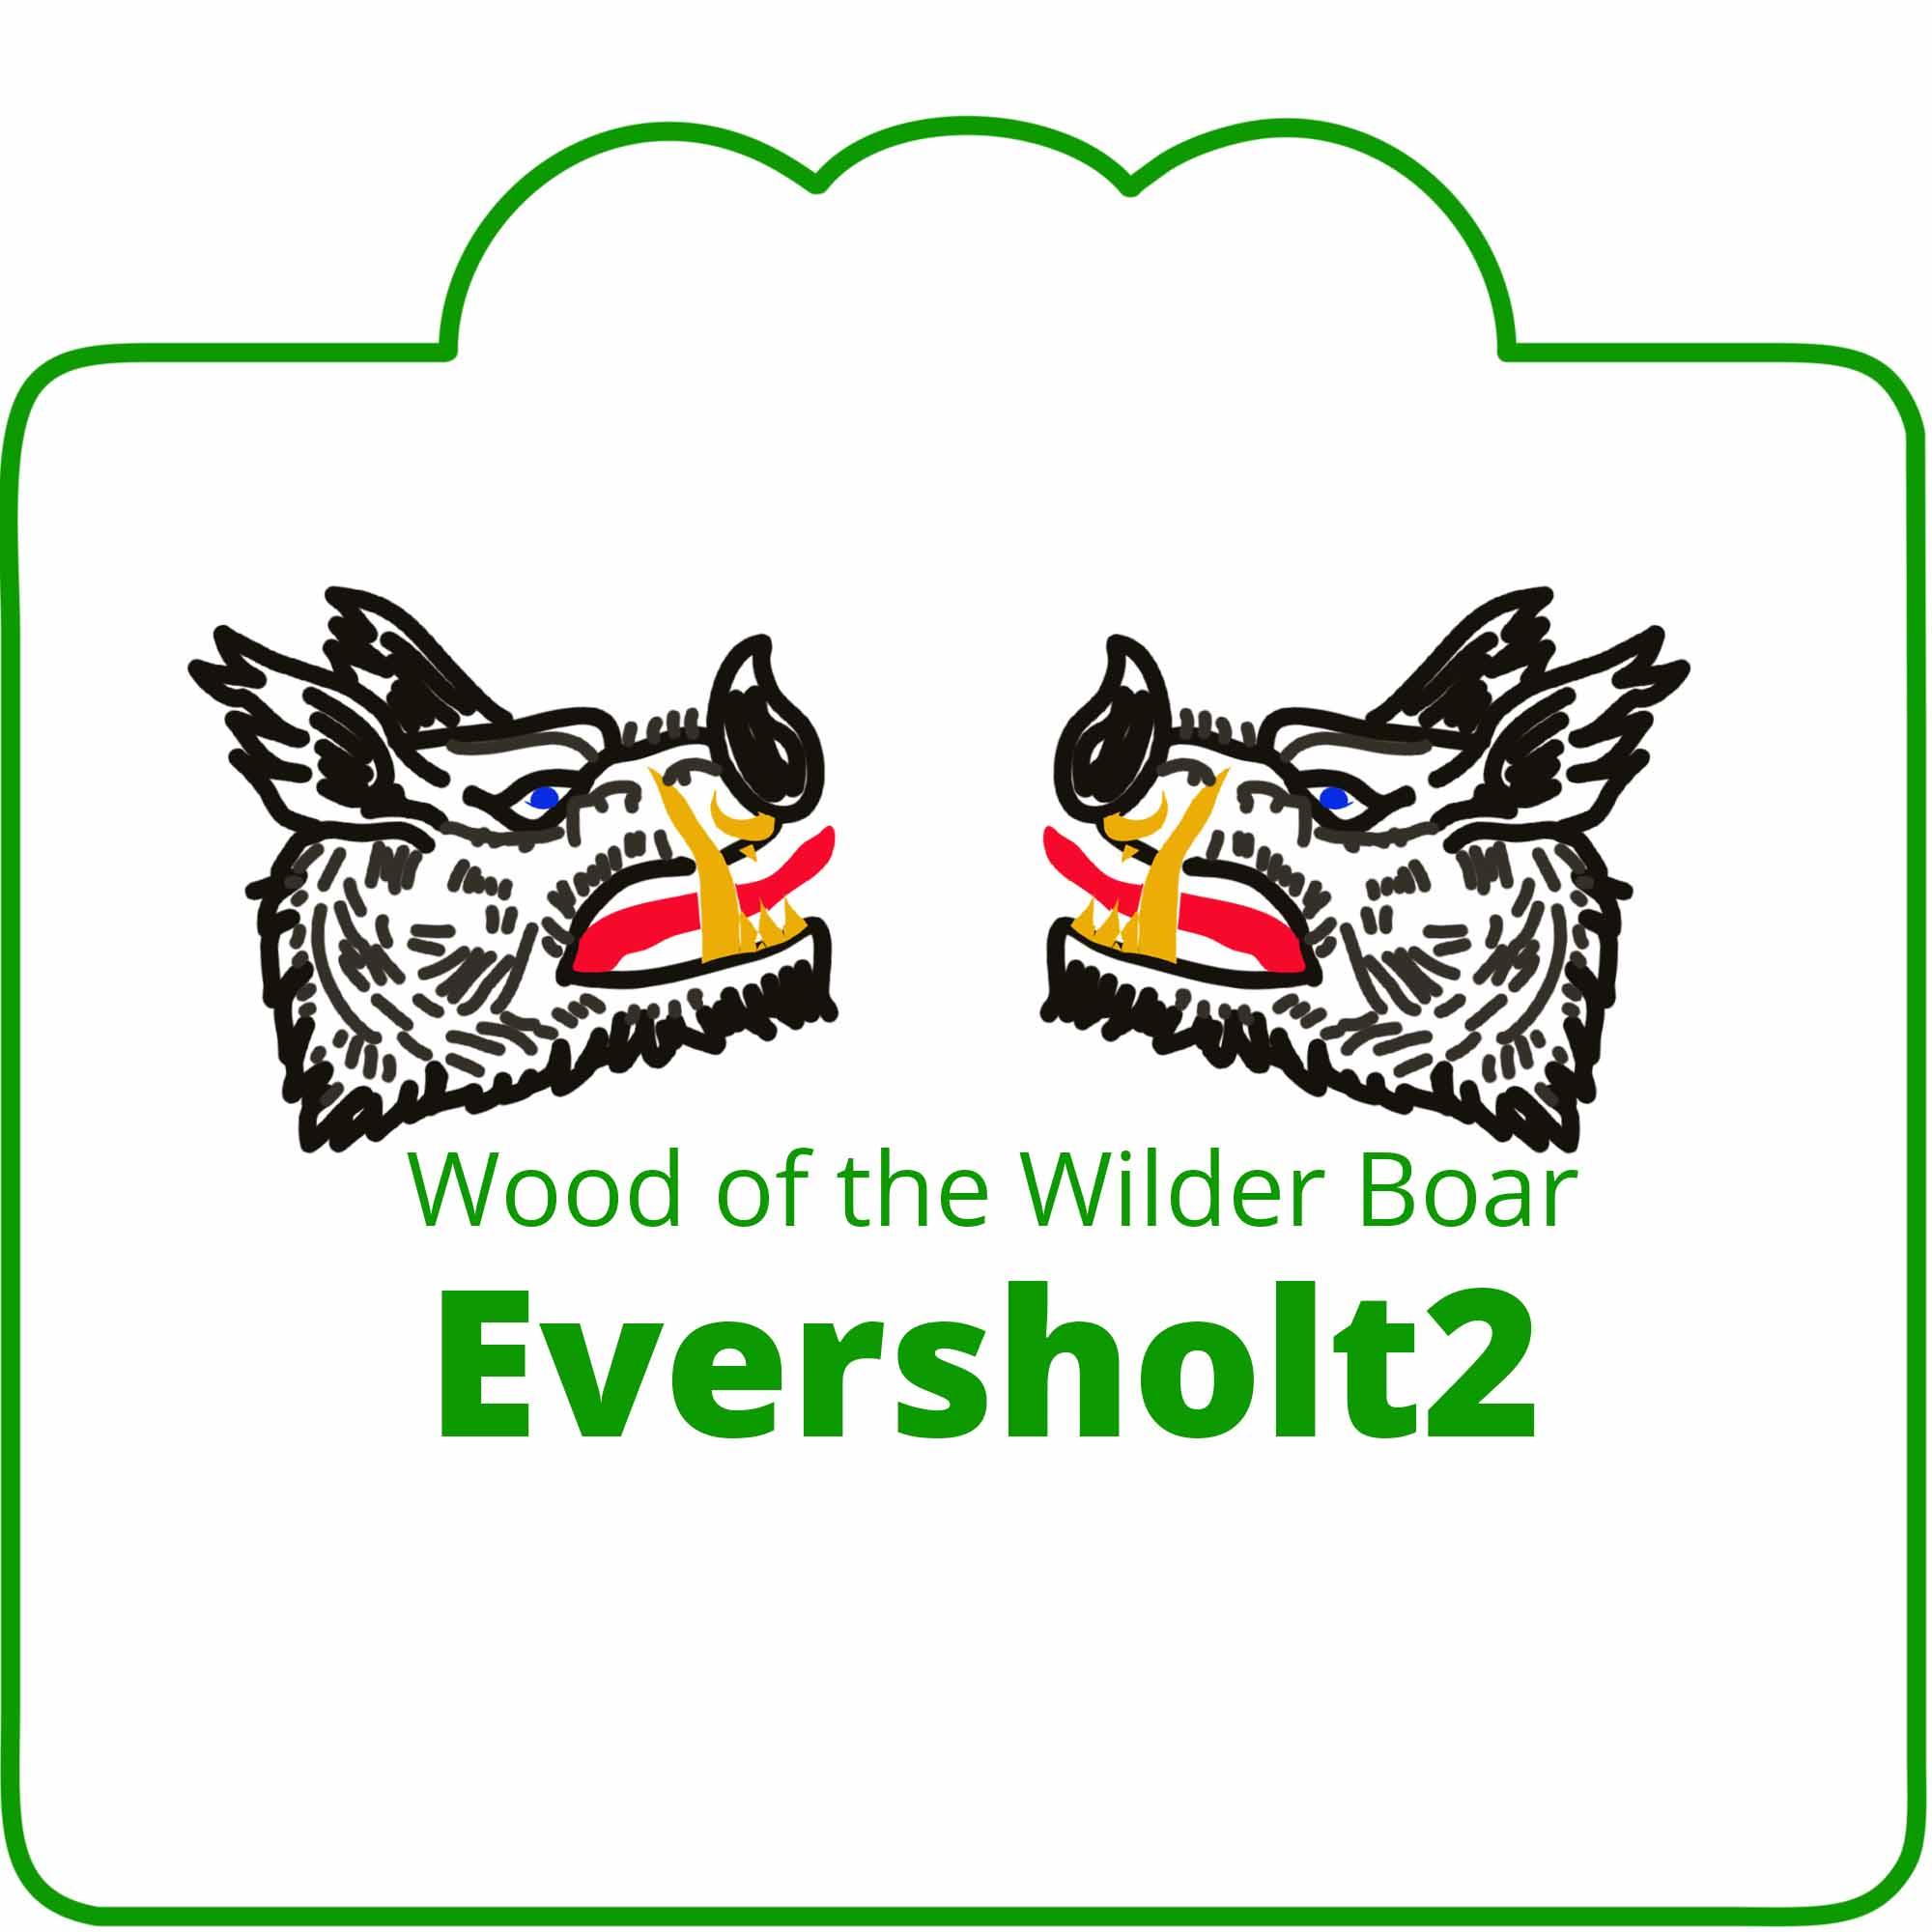 Eversholt2